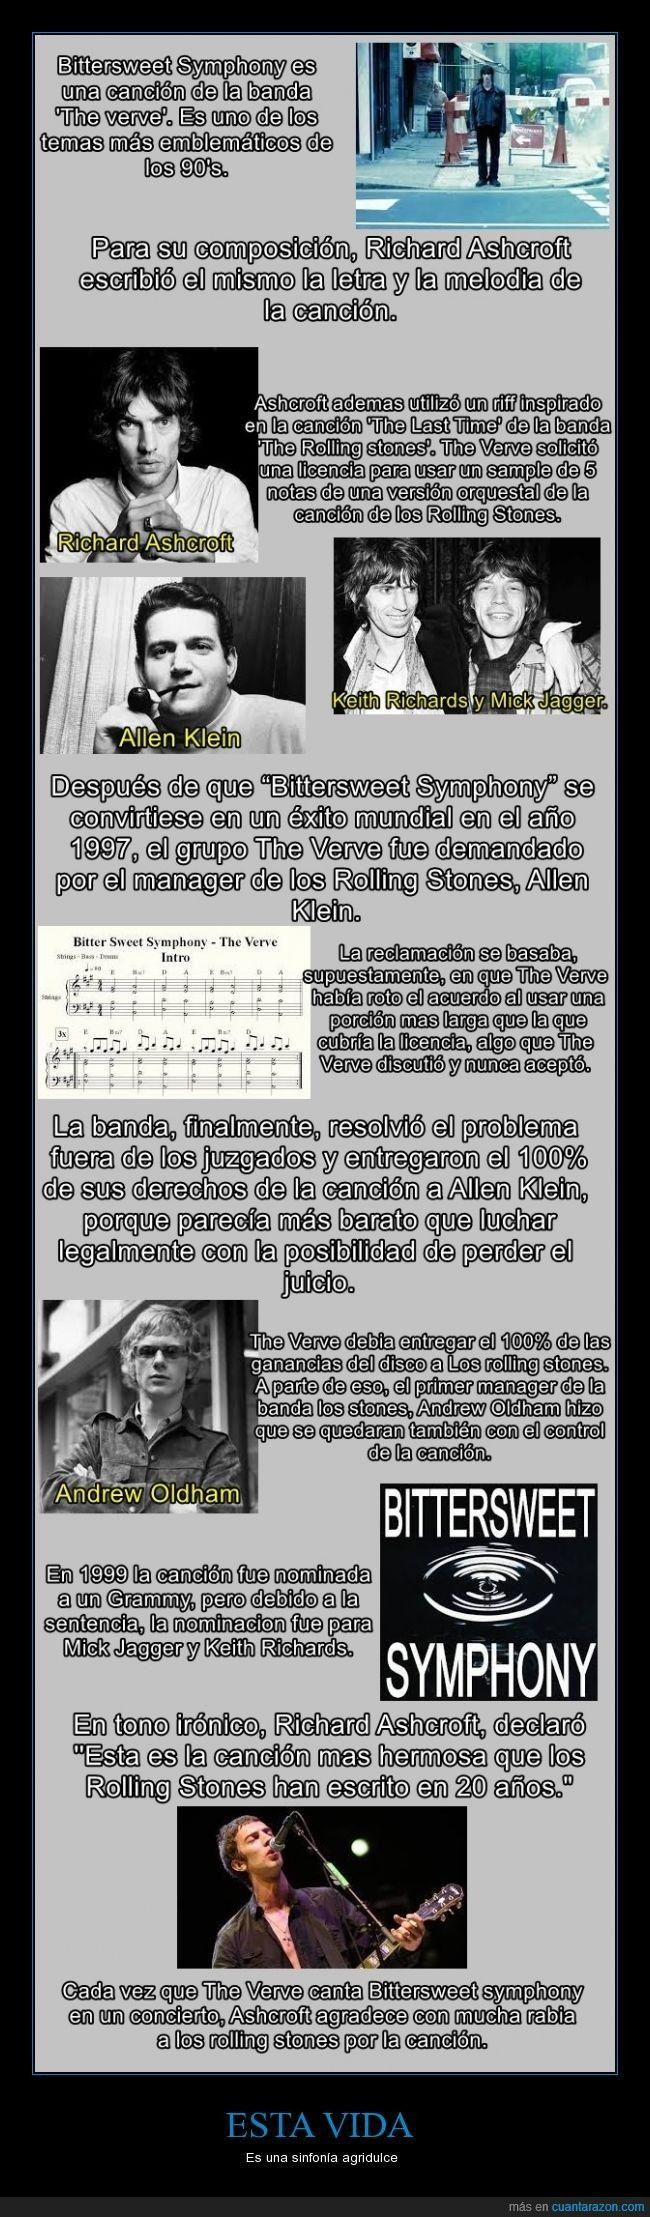 ESTA VIDA - Es una sinfonía agridulce